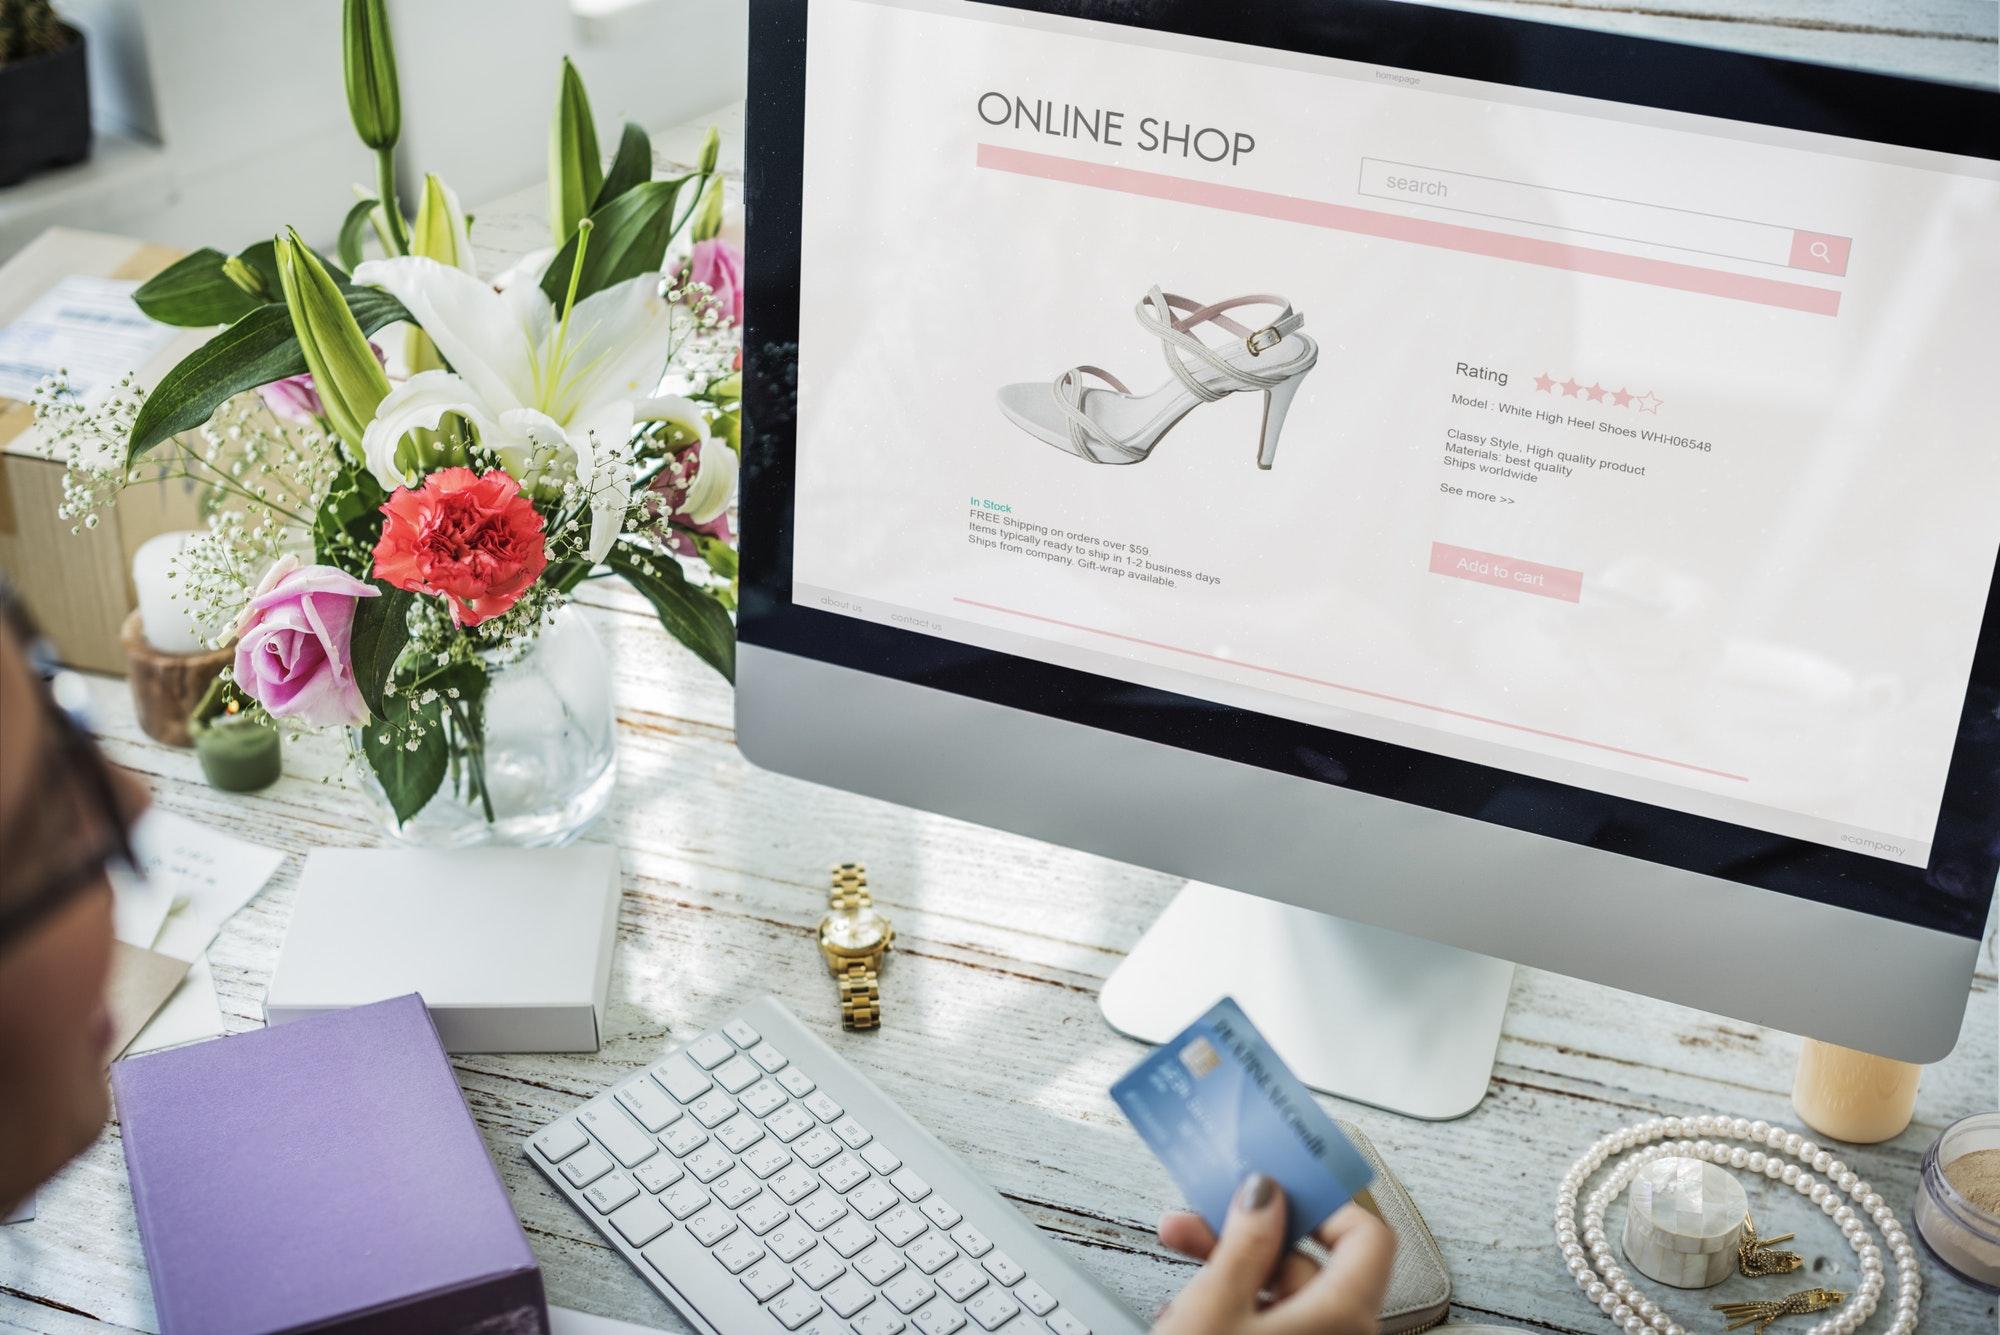 Kako izdelati spletno trgovino?